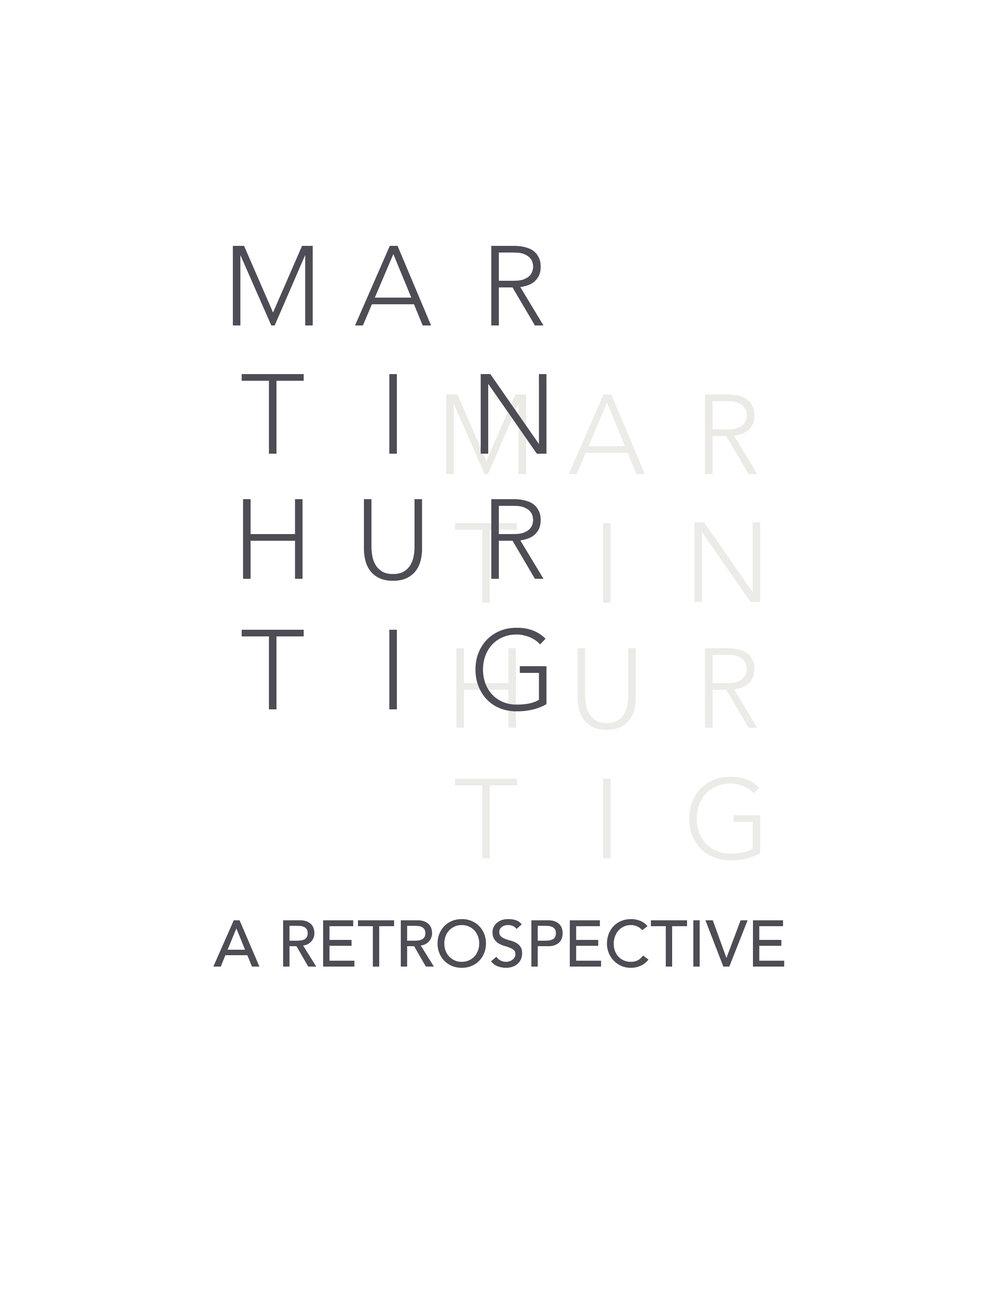 Martin Hurtig: A Retrospective $20.00